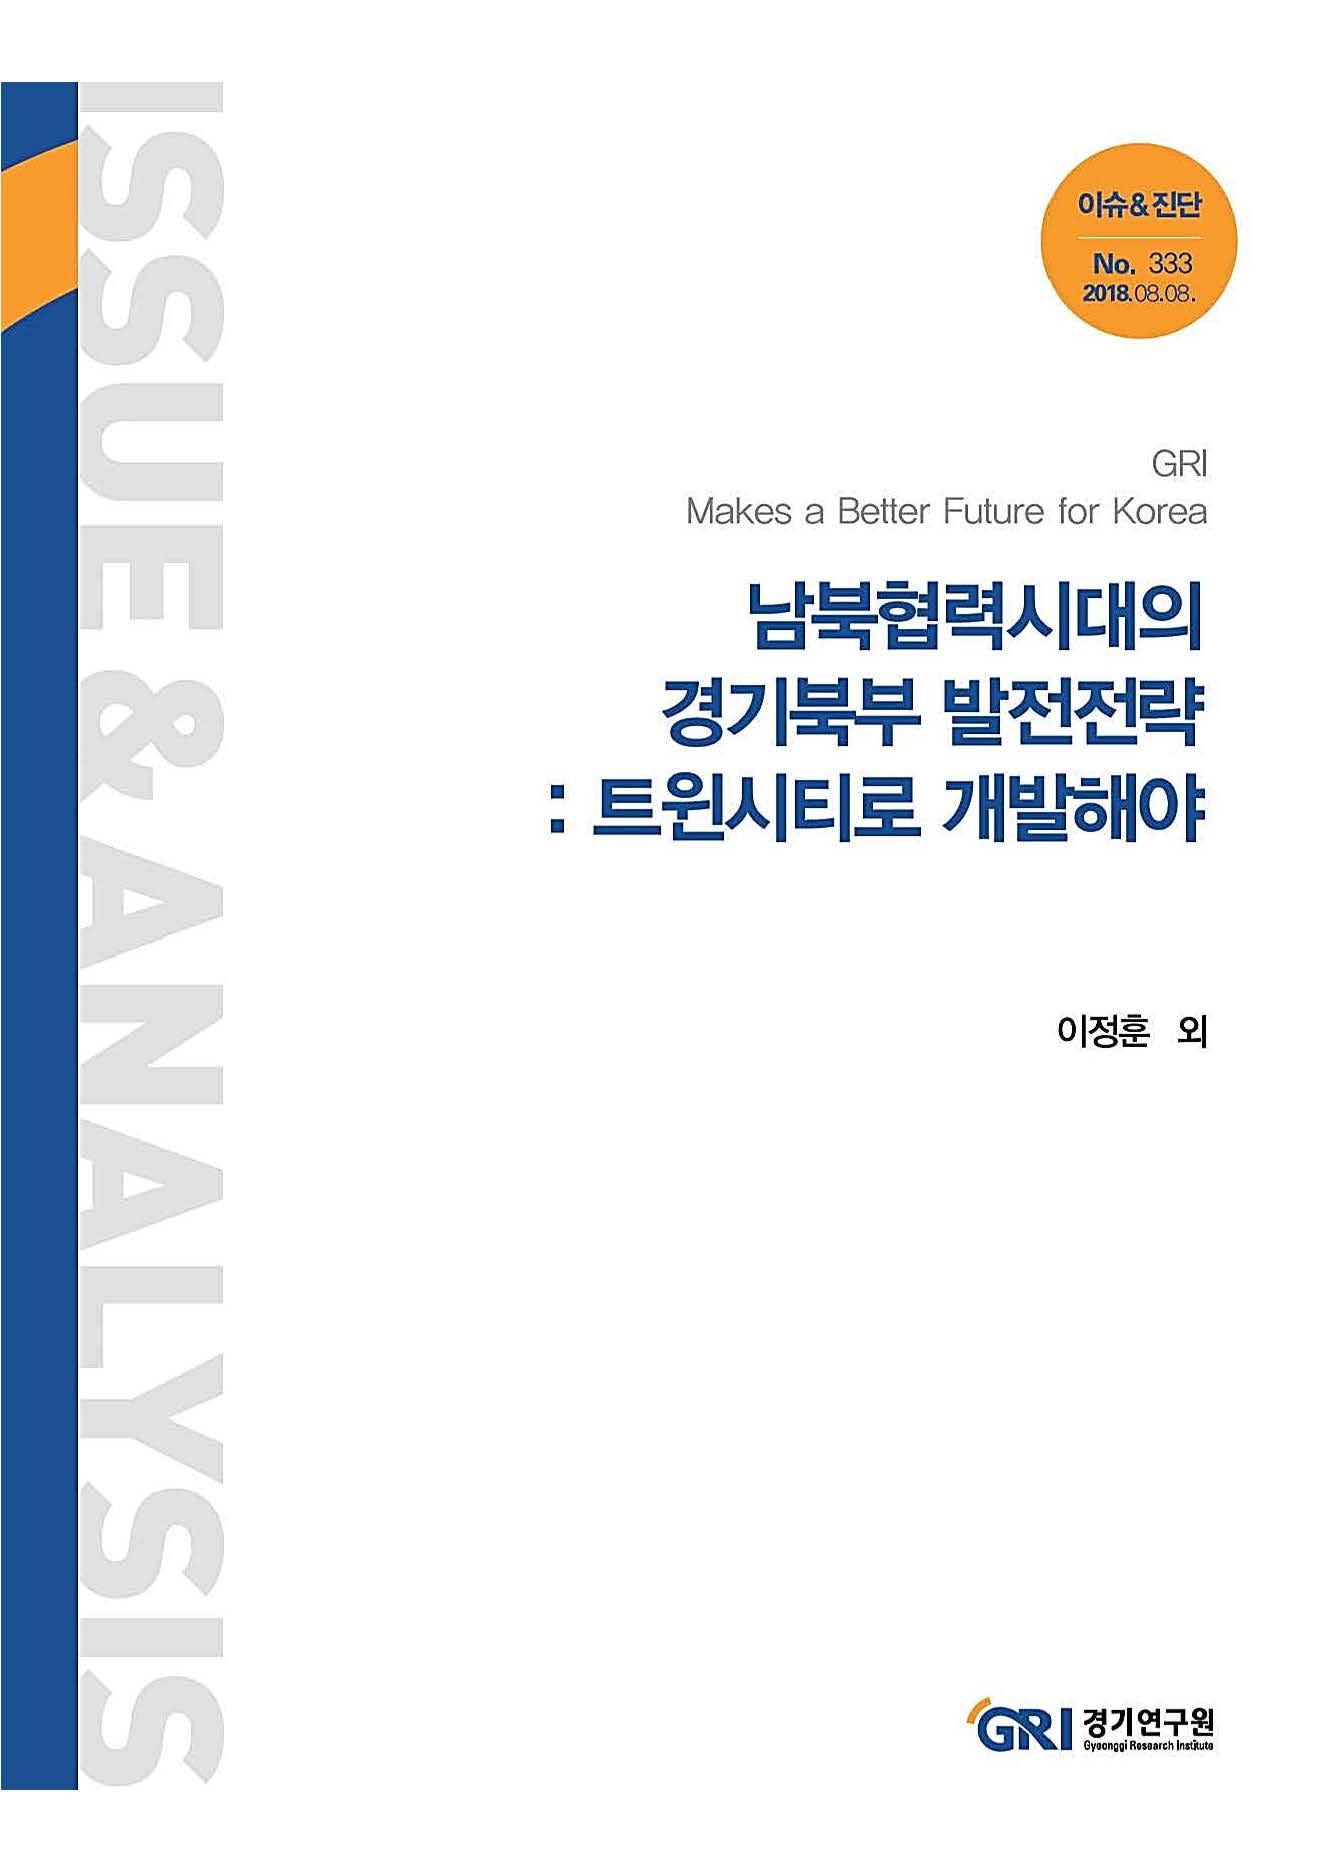 남북협력시대의 경기북부 발전전략 : 트윈시티로 개발해야